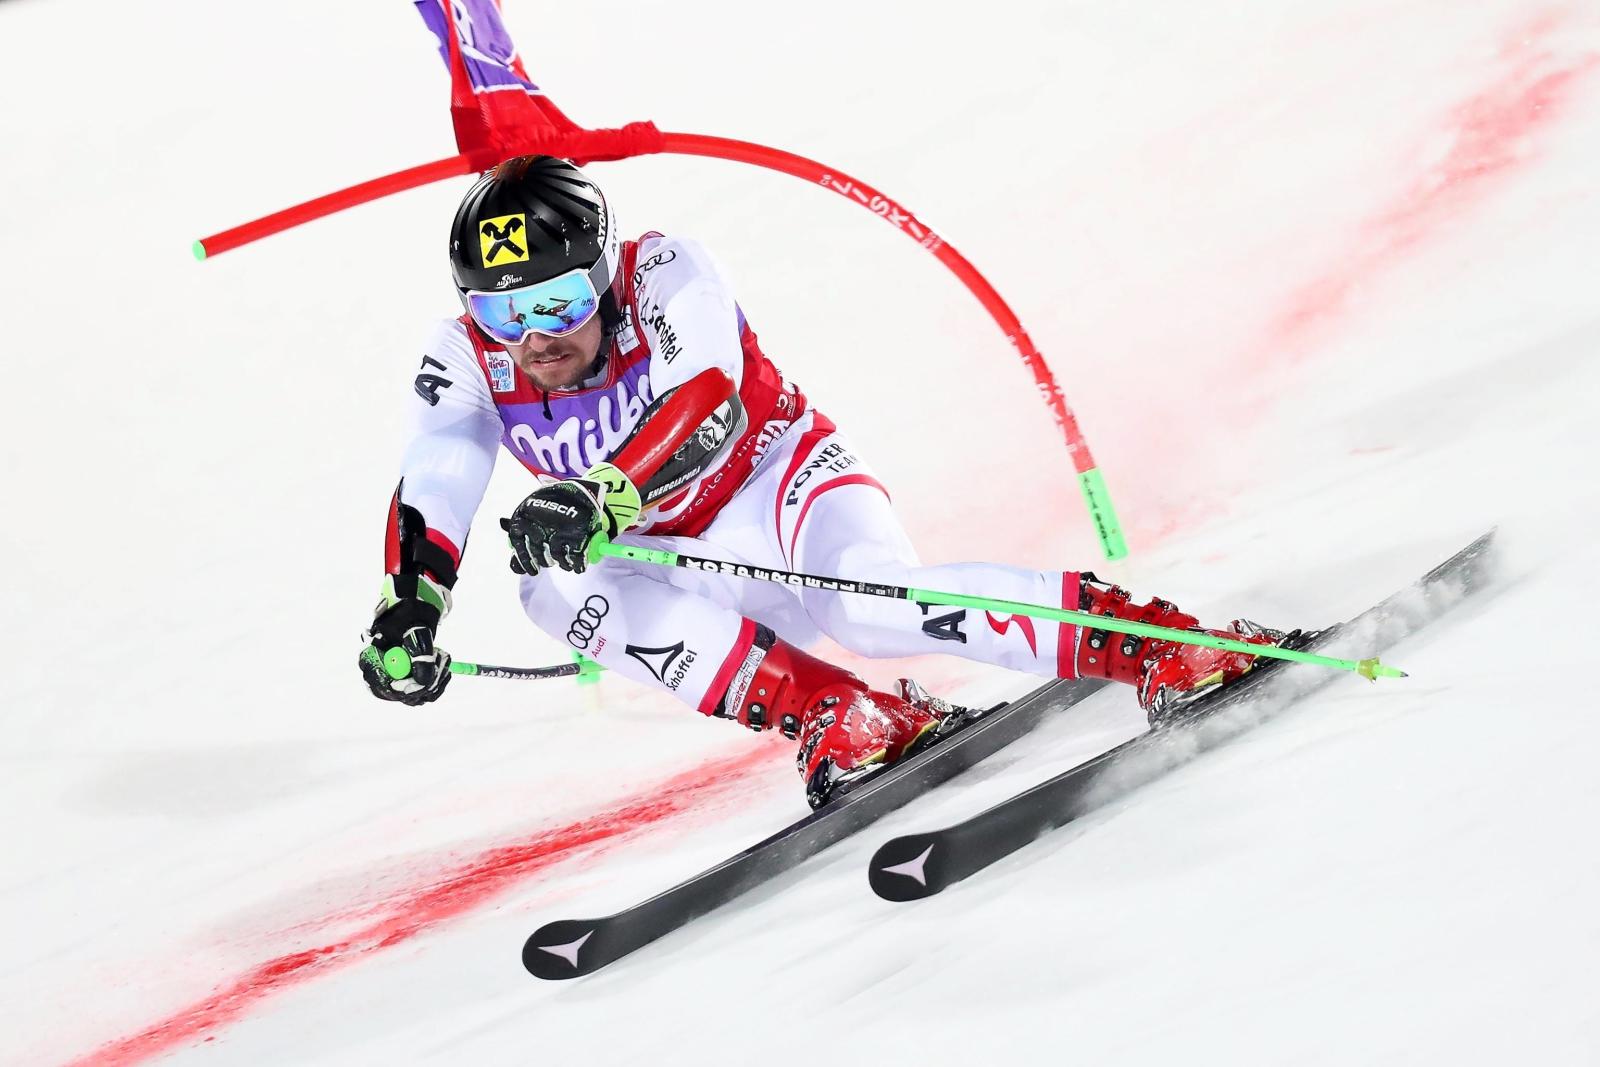 Zawody Pucharu Świata. fot. EPA/ANDREA SOLERO